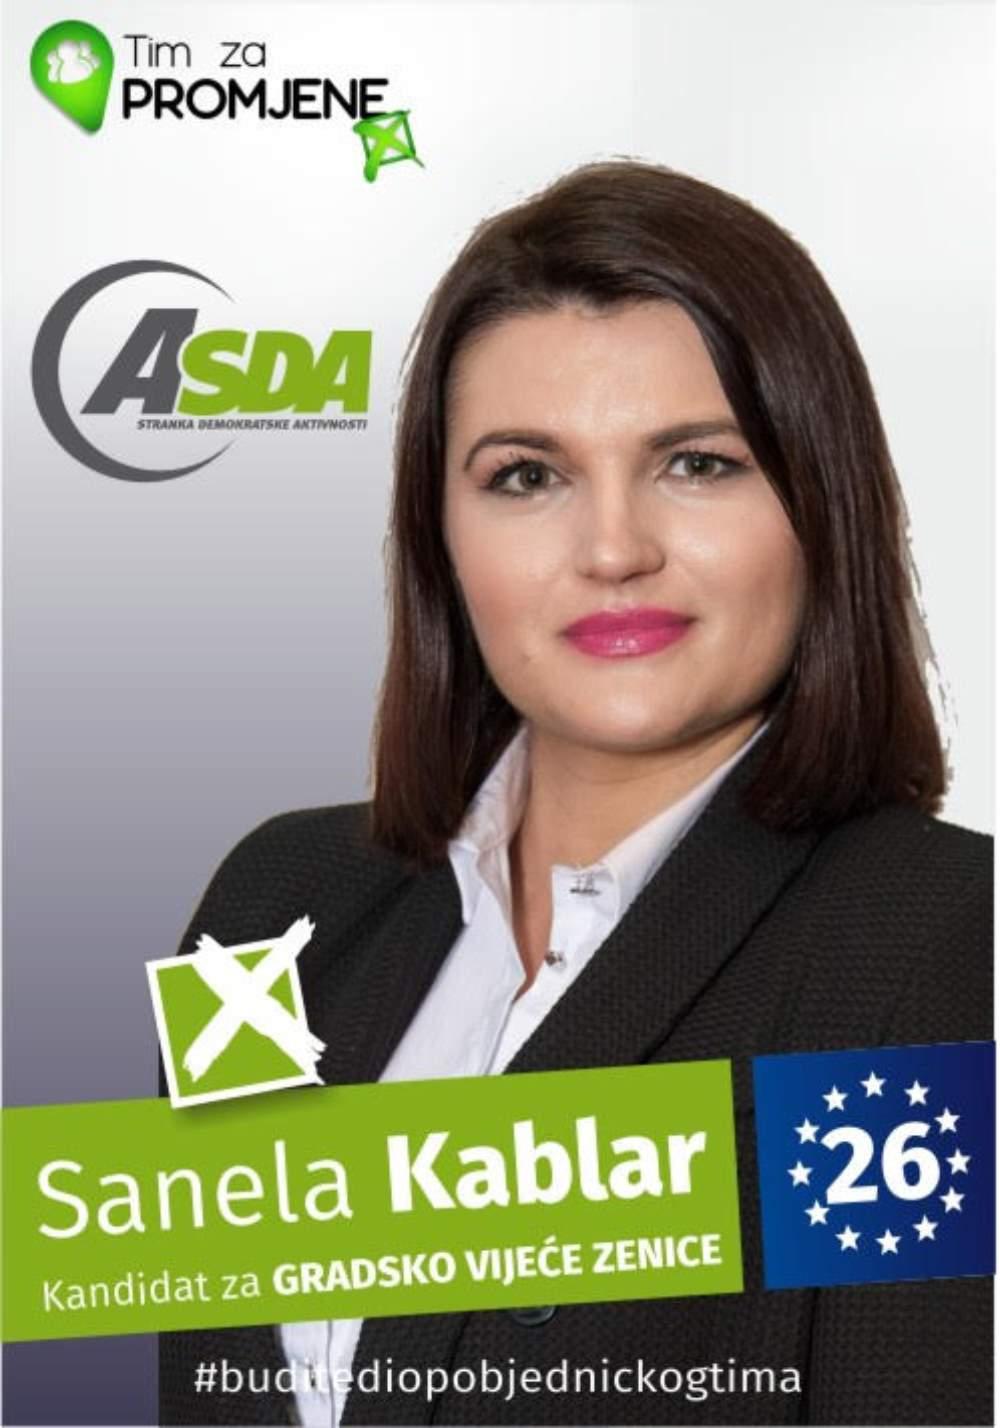 Sanela Kablar